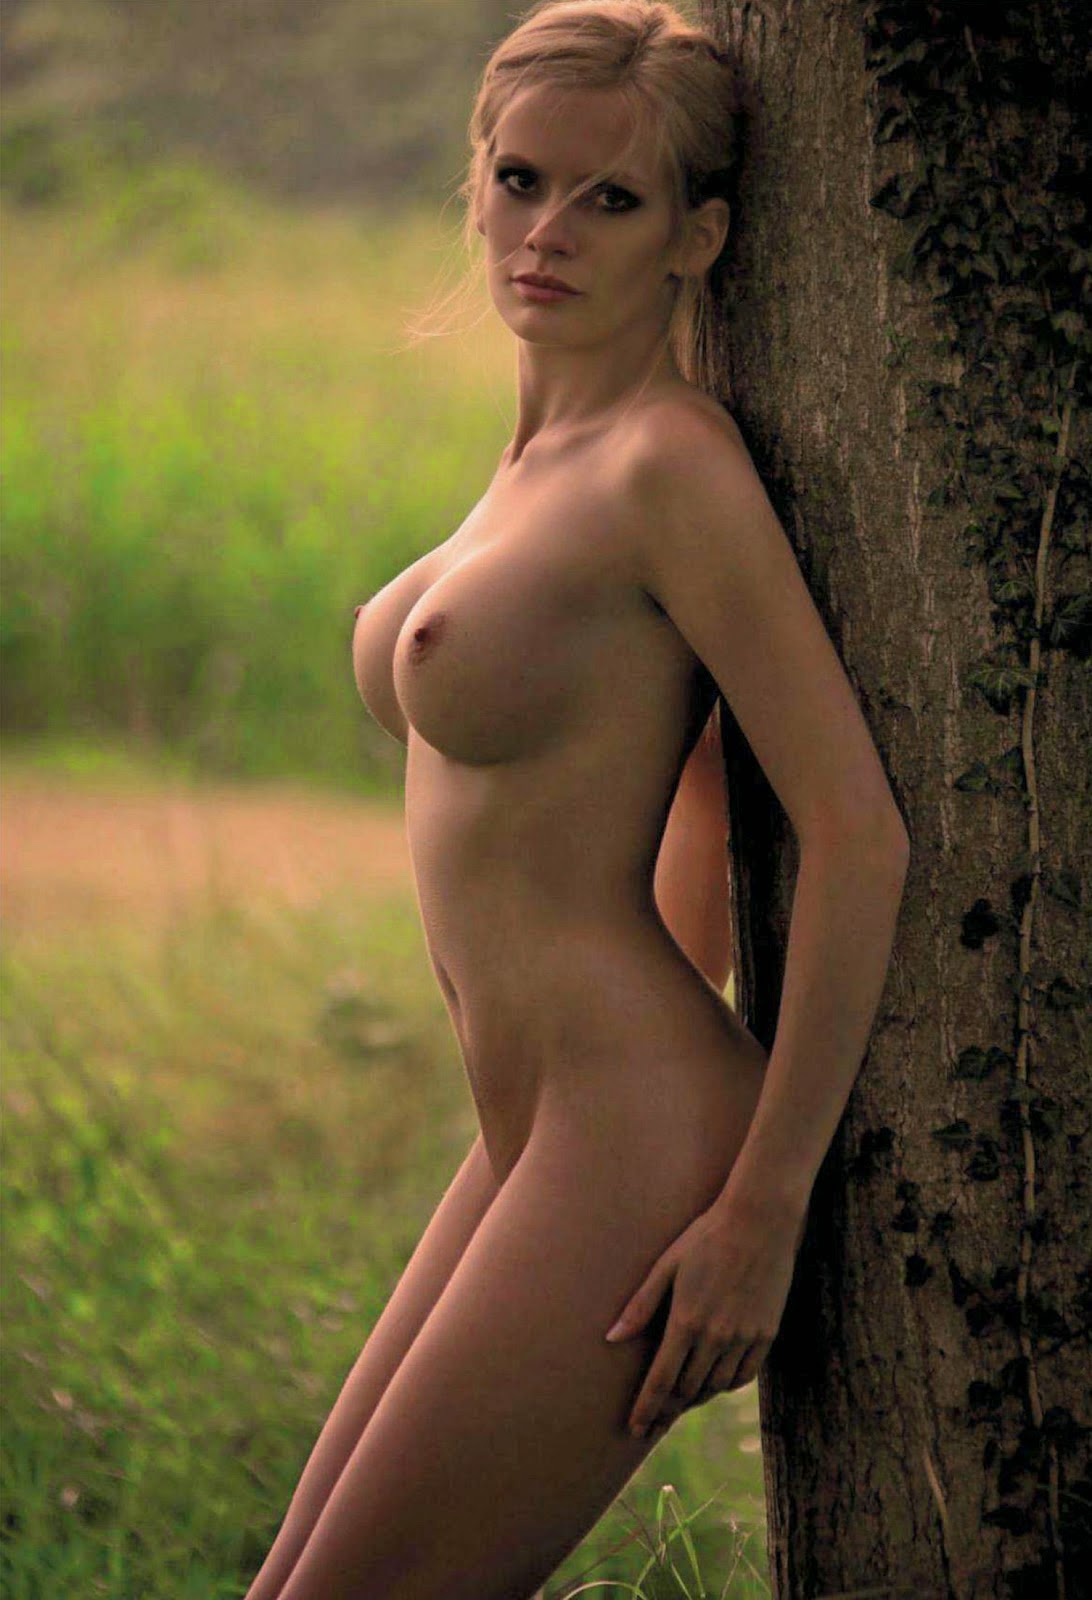 Apologise, ingen naken modell opinion obvious